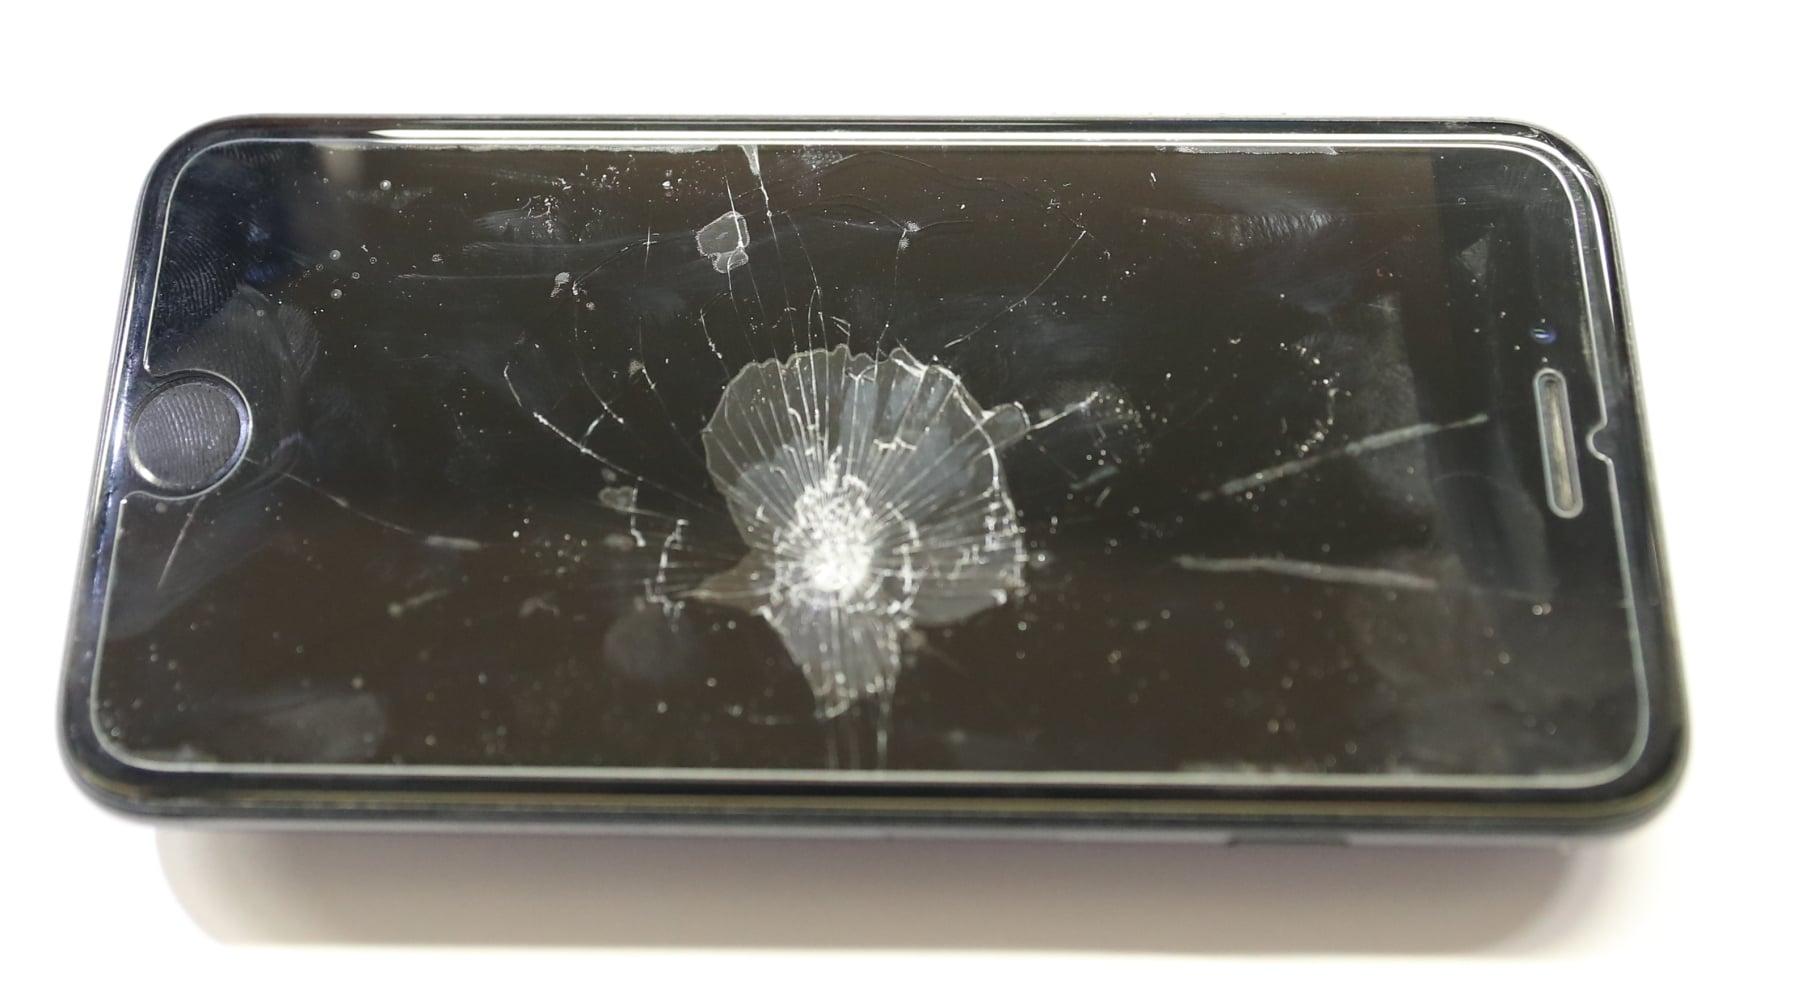 defekter handybildschirm reparatur